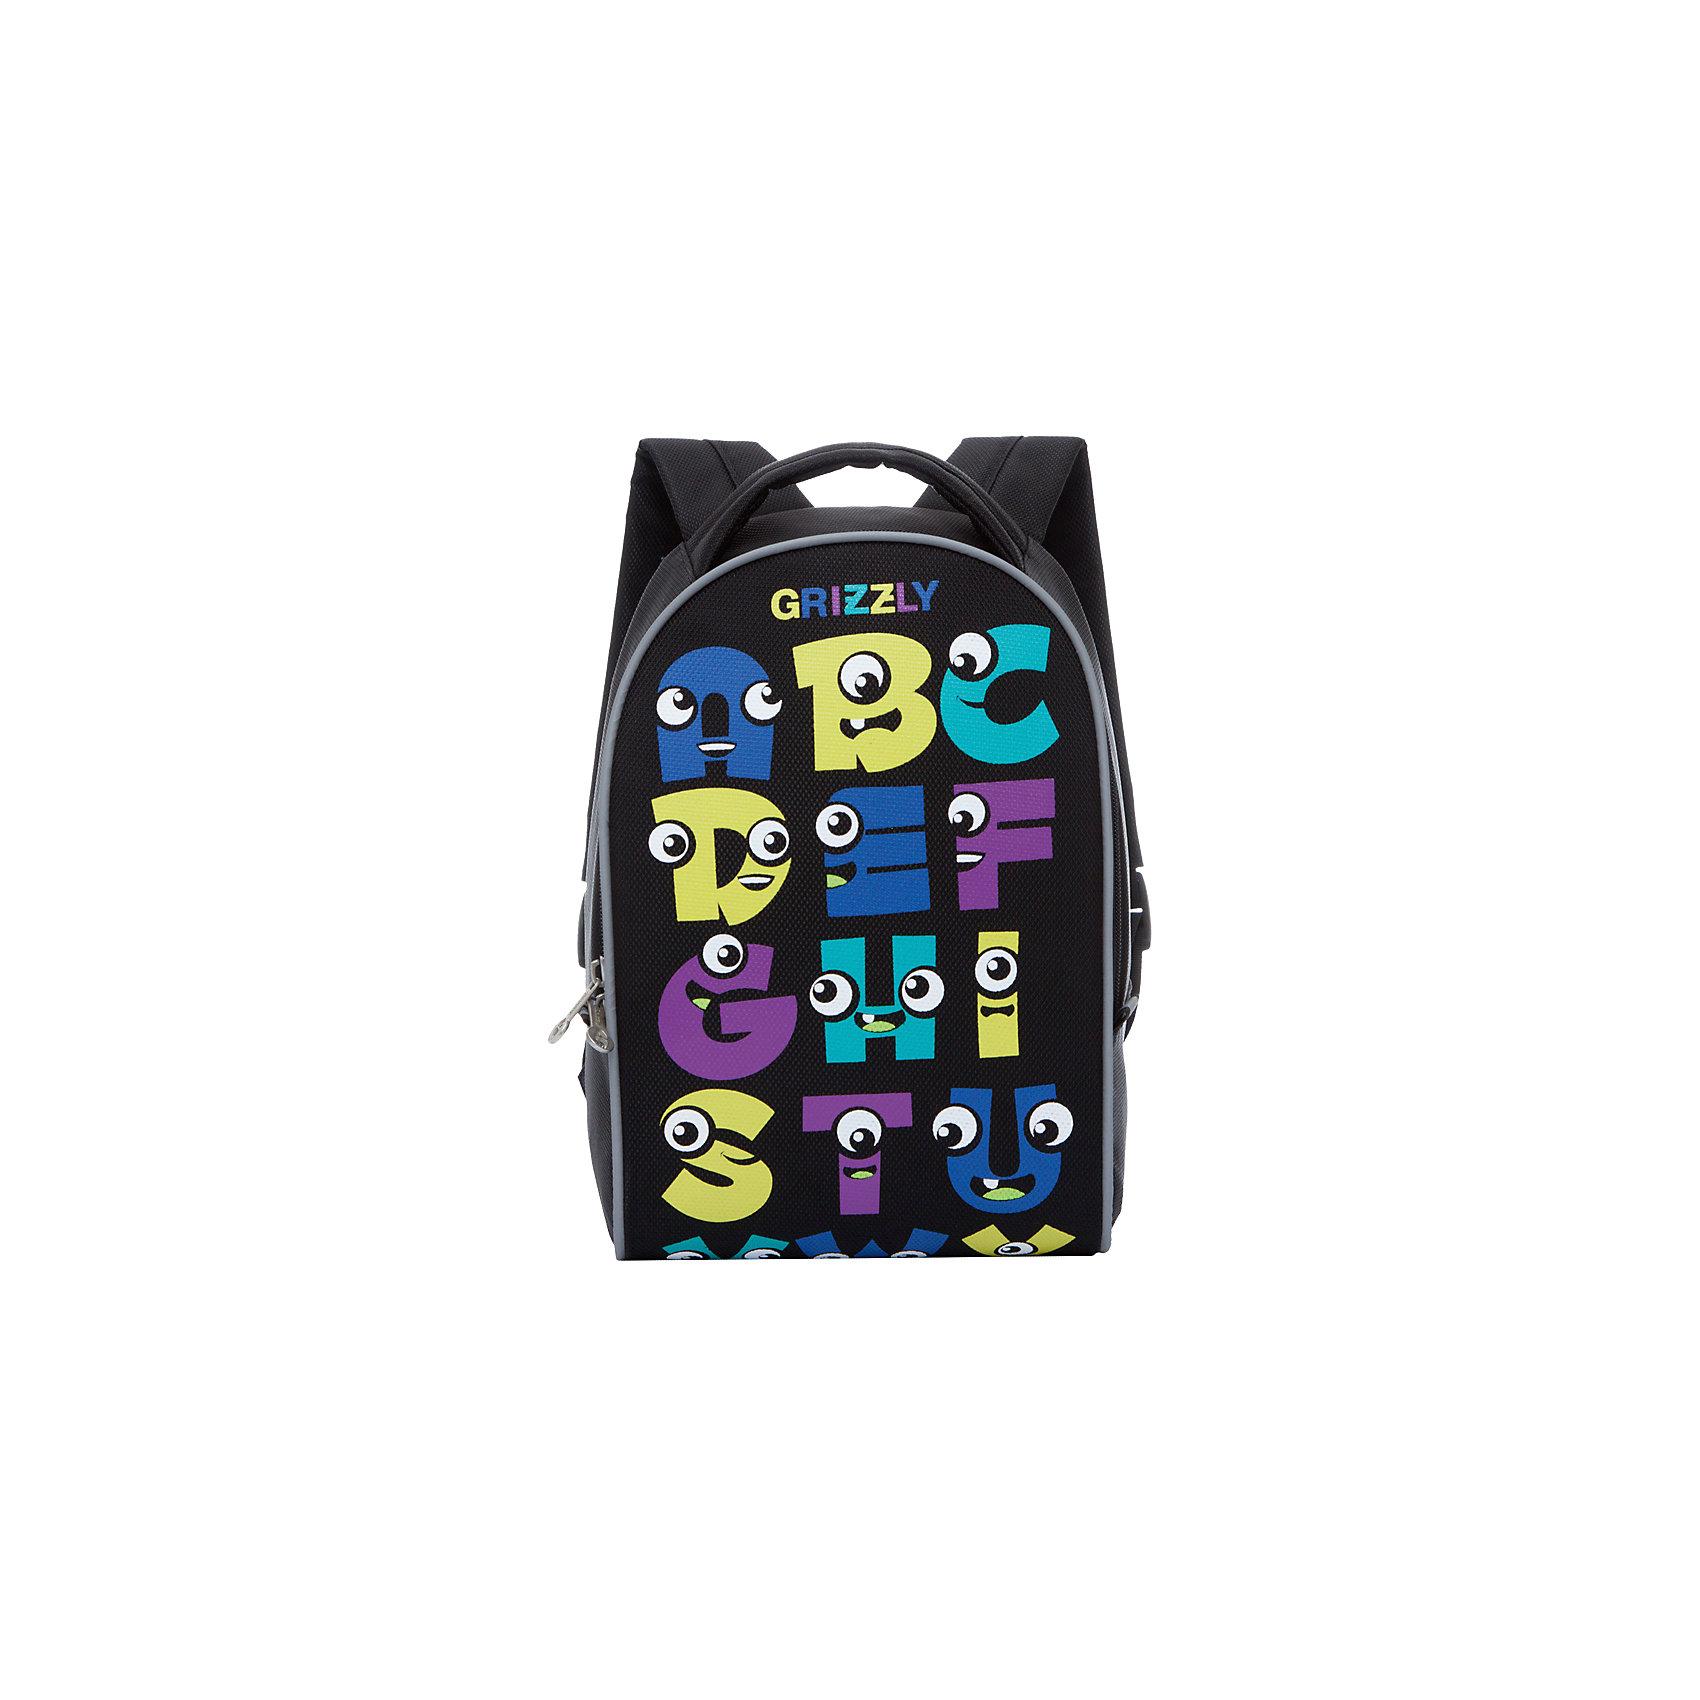 Grizzly рюкзак детский 1 отделениеРюкзаки<br>Рюкзак , два отделения, внутренний карман, укрепленная спинка, дополнительная ручка-петля, укрепленные лямки, светоотражающие элементы с четырех сторон.<br>Вес, г: 398<br>Размер, см: 25х33х13<br>Состав: Нейлон<br>Наличие светоотражающих элементов:  да<br>Материал: Нейлон<br>Спина:  полужесткая<br>Наличие дополнительных карманов внутри:  да<br>Дно выбрать:  Мягкое<br>Количество отделений внутри:  2<br>Боковые карманы: нет<br>Замок:  Молния<br>Вмещает А4:  да<br><br>Ширина мм: 250<br>Глубина мм: 130<br>Высота мм: 330<br>Вес г: 291<br>Возраст от месяцев: 60<br>Возраст до месяцев: 84<br>Пол: Мужской<br>Возраст: Детский<br>SKU: 6727464